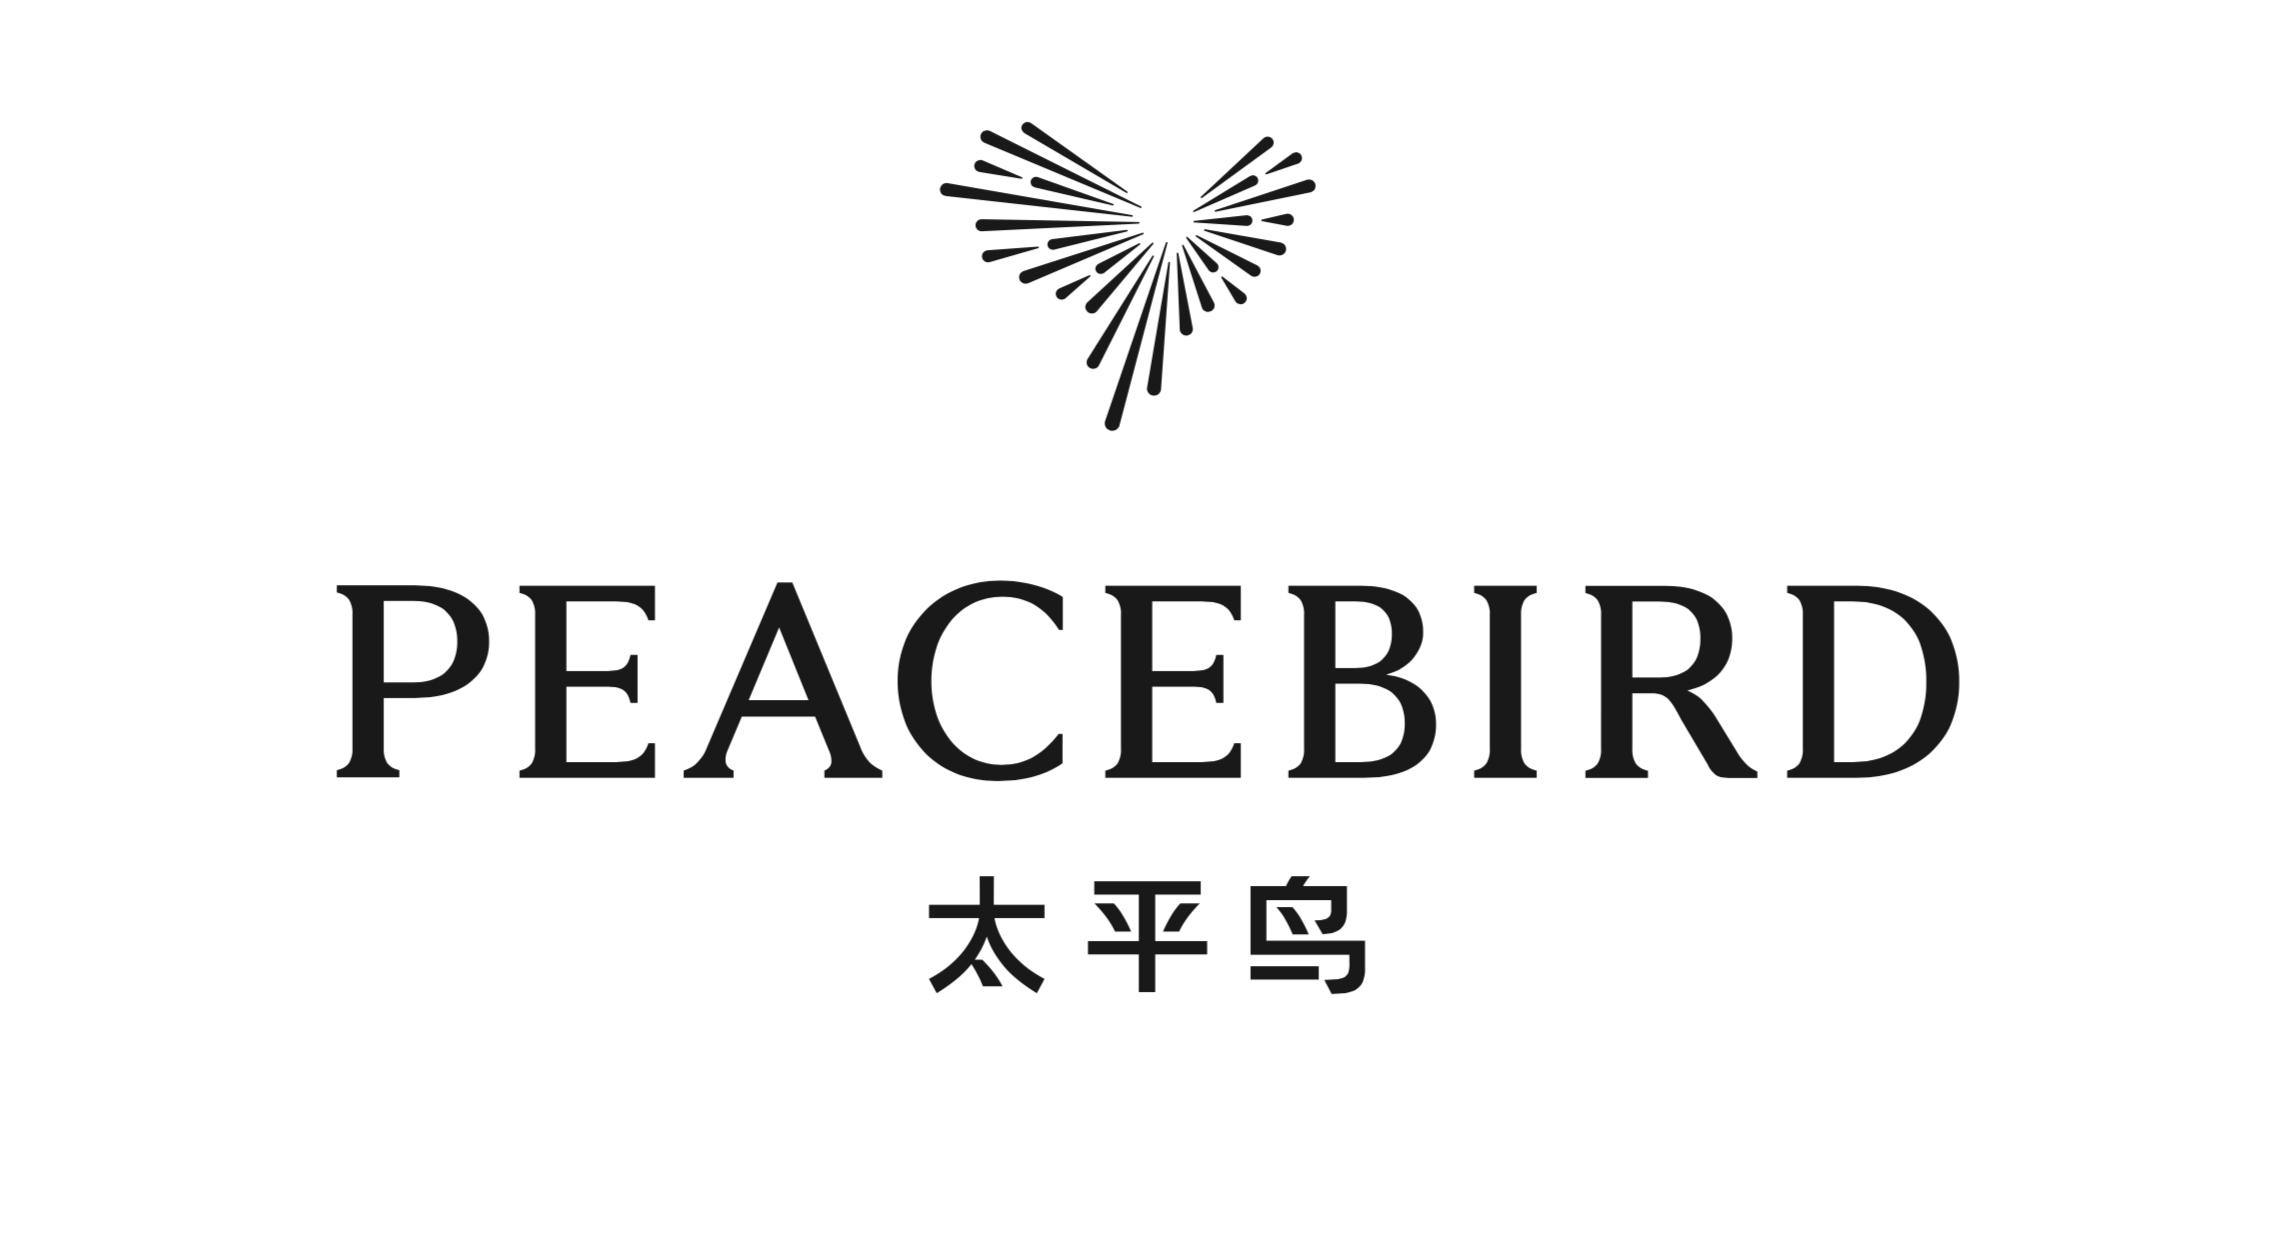 PEACEBIRD太平鸟.png